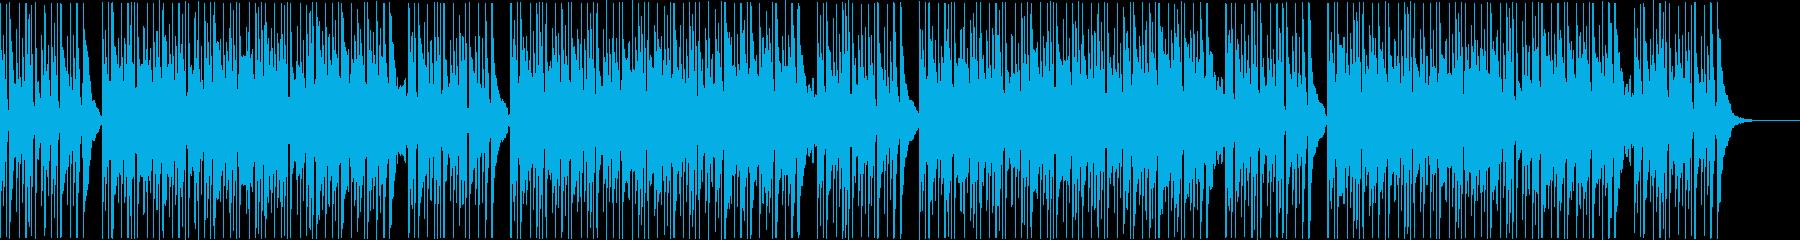 リラックス癒しのフルートとアコギBGMの再生済みの波形